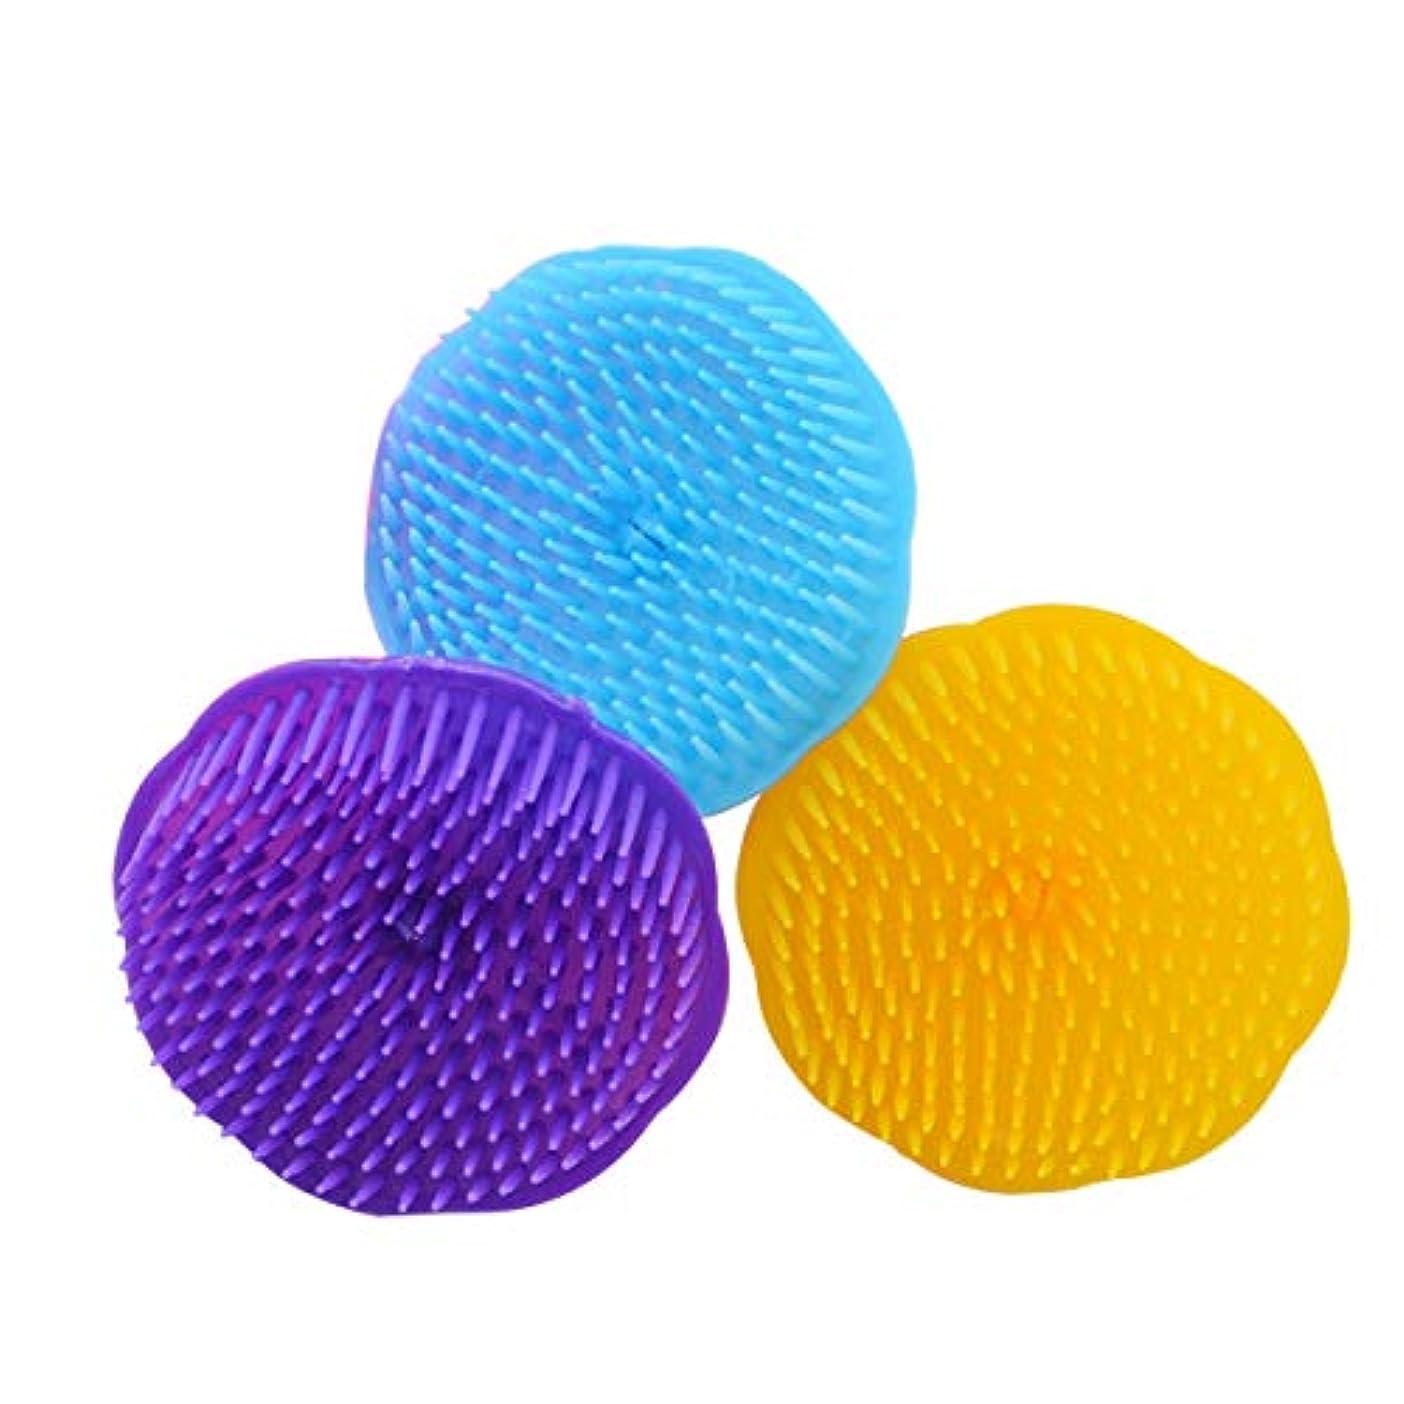 SUPVOX ヘアマッサージブラシ シャワーシャンプー頭皮ブラシヘッドボディマッサージスパスリミングブラシ3PCS(ランダムカラー)